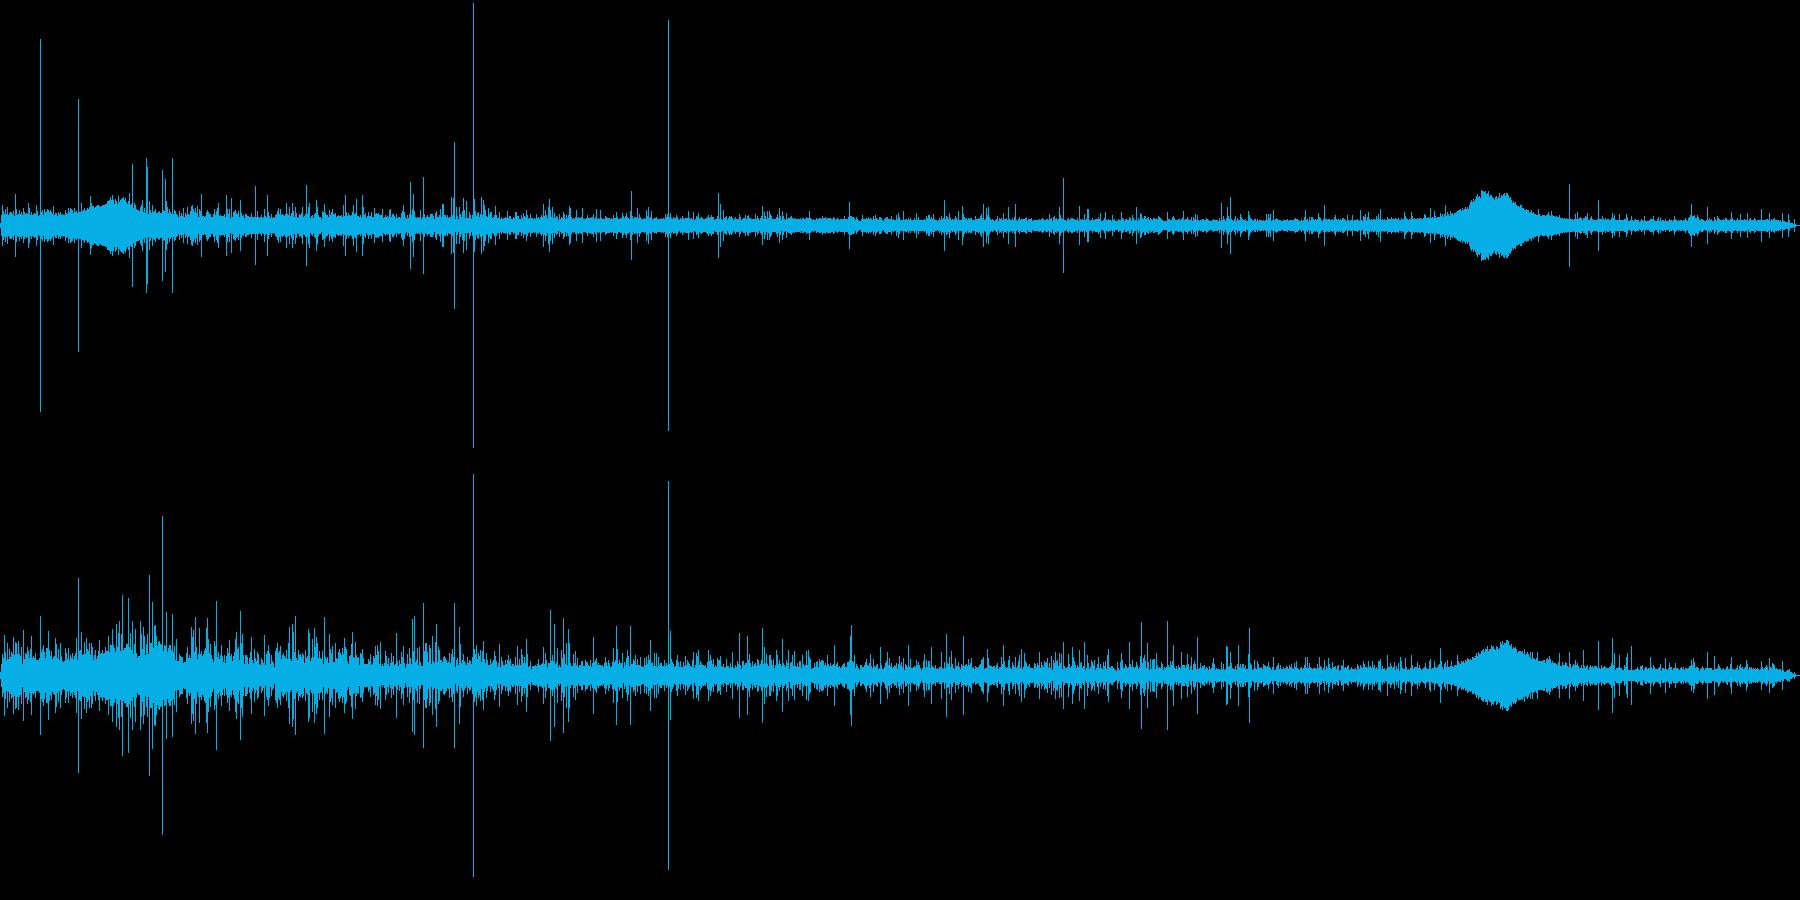 【生録音】軒下で聴く幻想的な雨の音 1の再生済みの波形